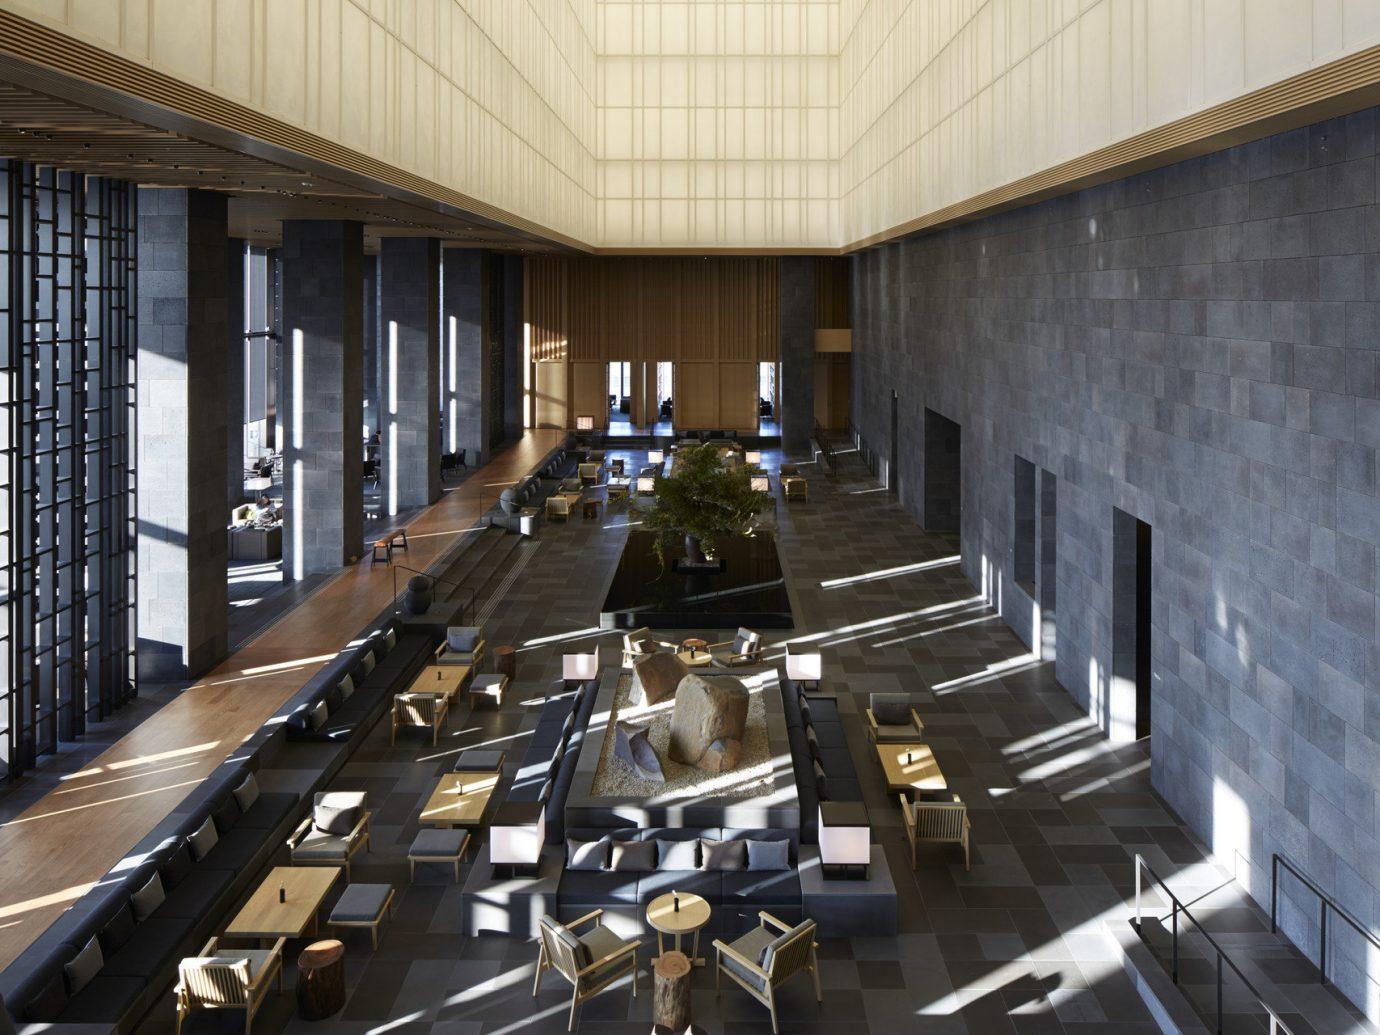 Hotels Romance indoor Architecture interior design auditorium tourist attraction several